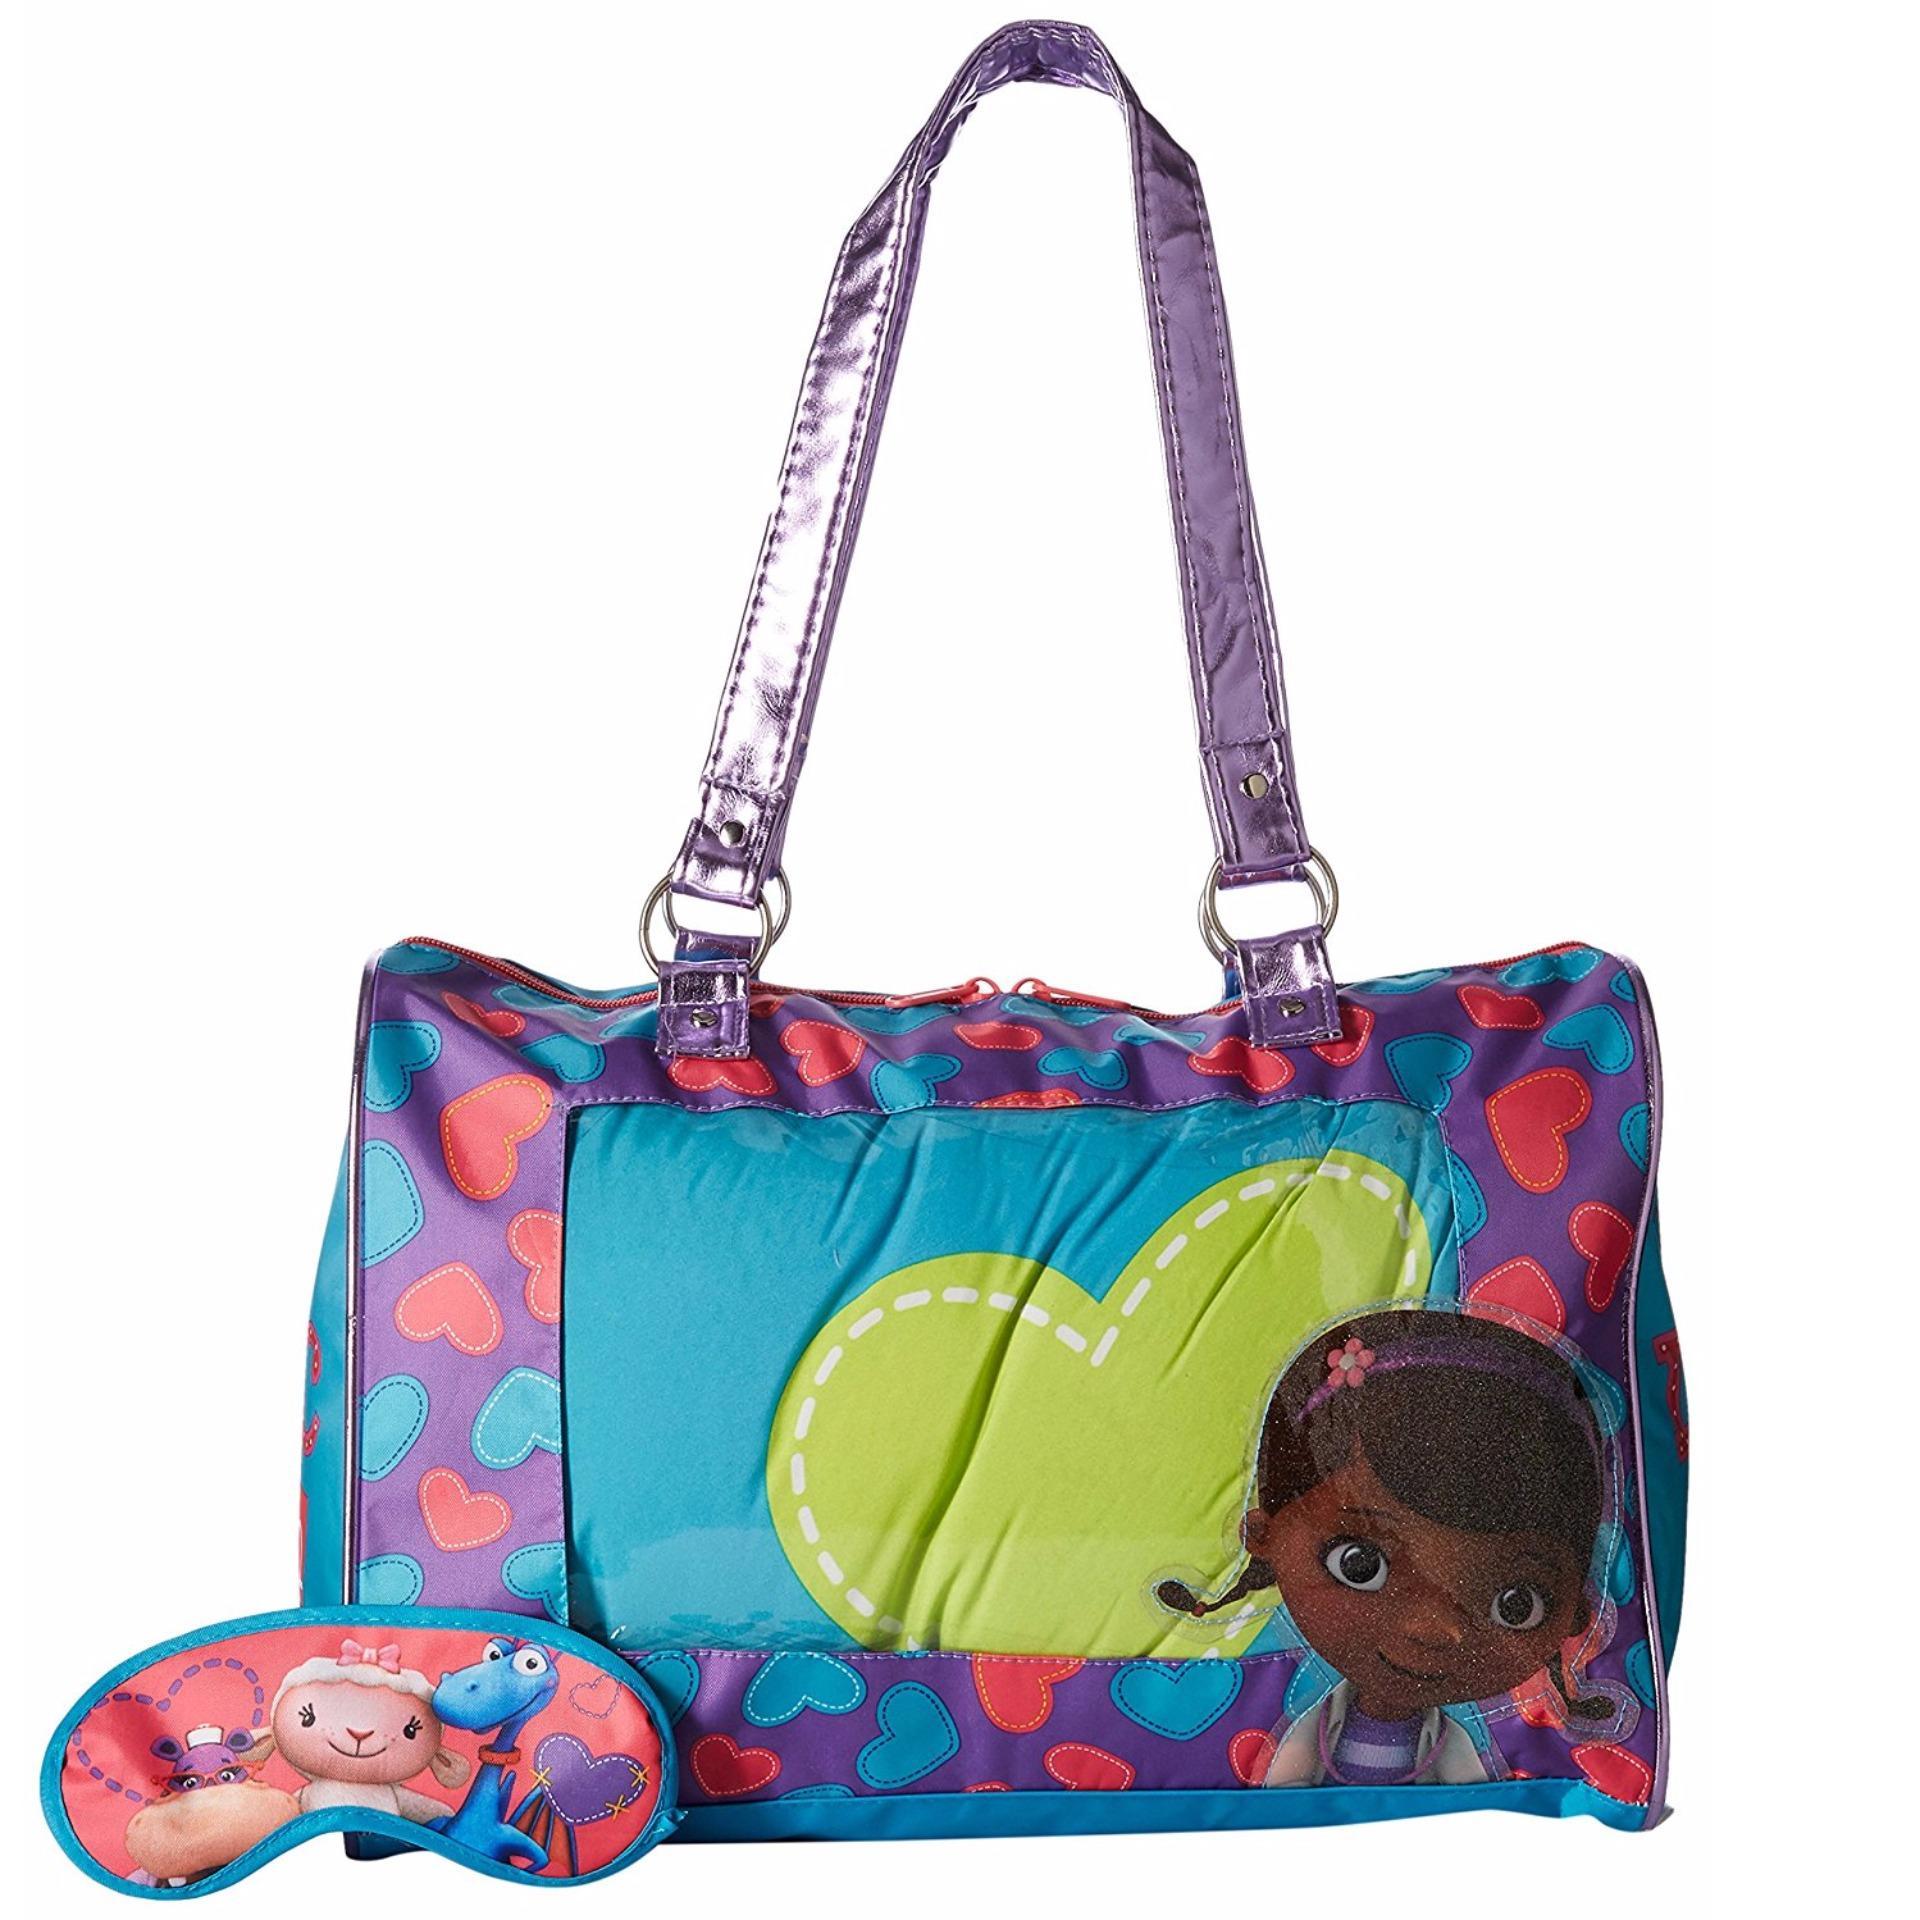 Bộ túi ngủ, túi xách, che mắt cho trẻ em Disney Doc McStuffins Sleepover Set Toy (Mỹ)